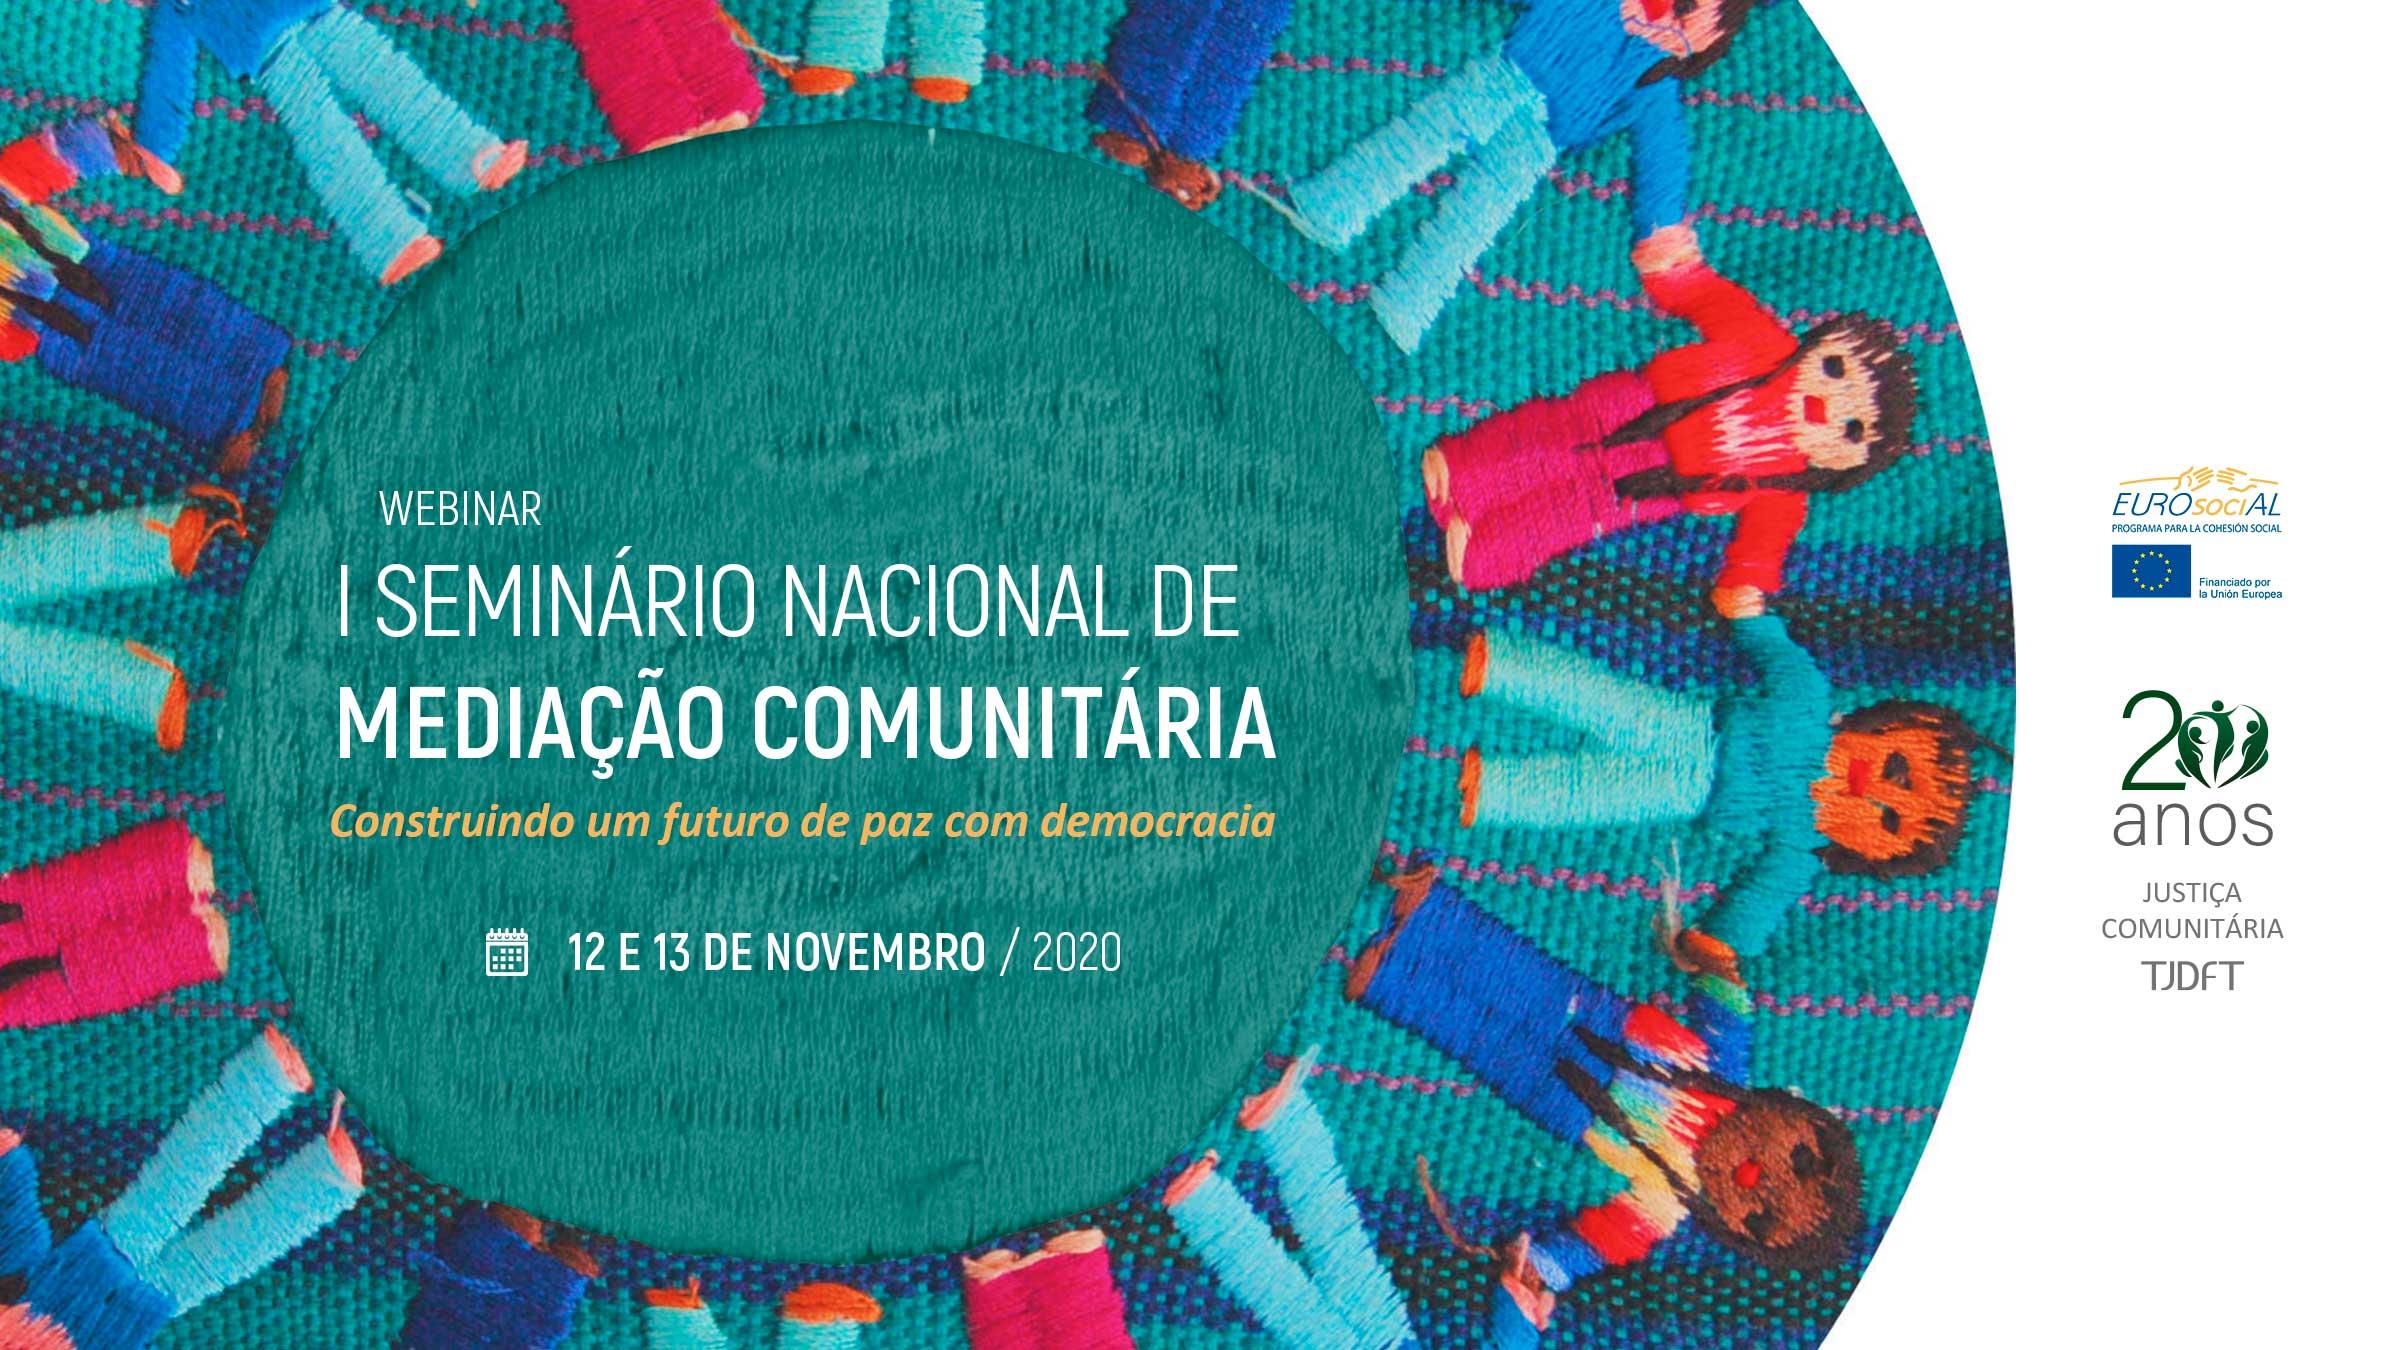 I Seminario Nacional de Mediación Comunitaria (Brasil)